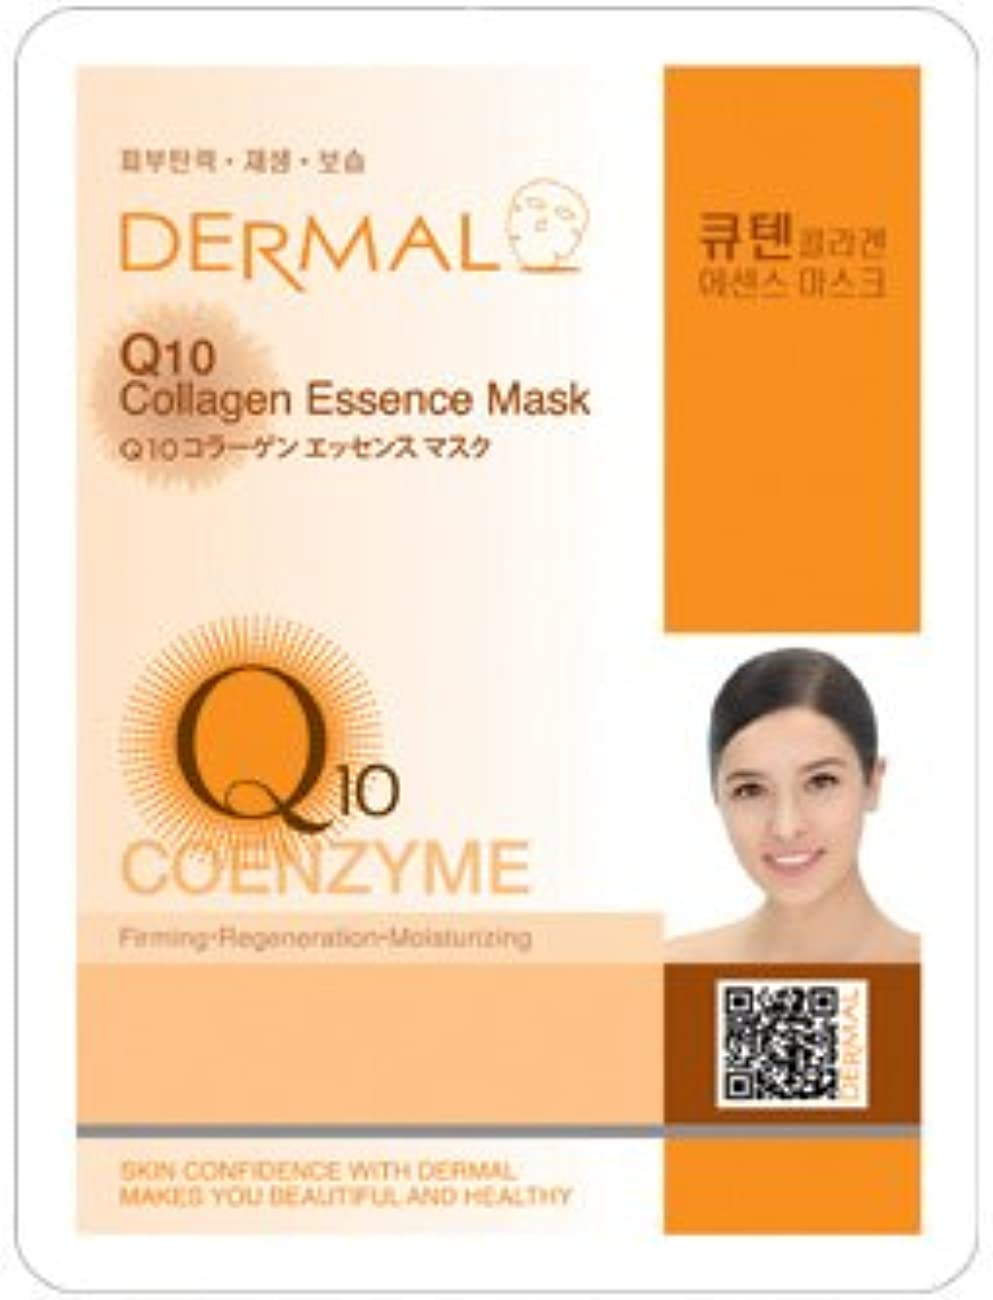 相互排泄物にはまってシートマスク Q10 コエンザイム 10枚セット ダーマル(Dermal) フェイス パック